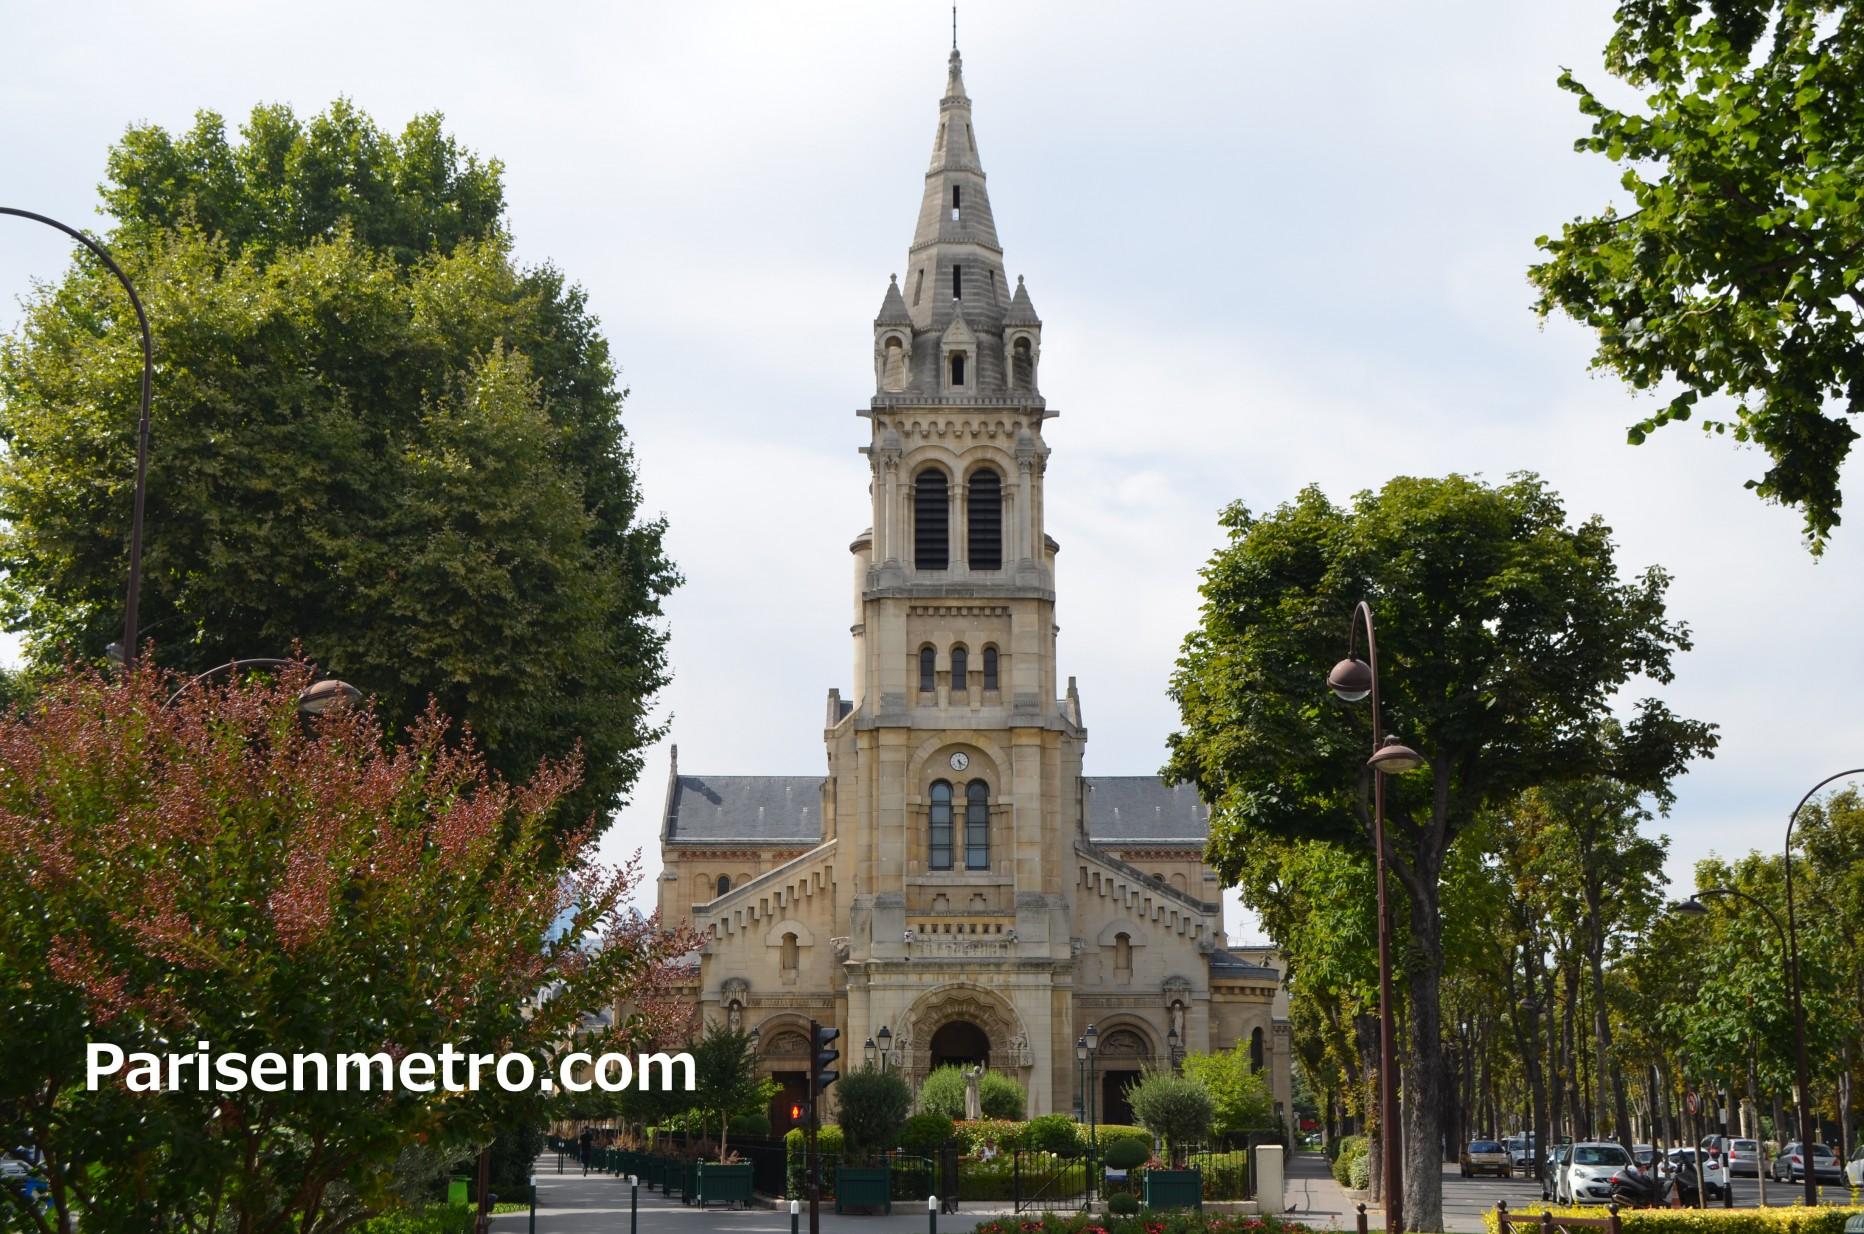 Eglise Catholique Saint Pierre de Neuilly